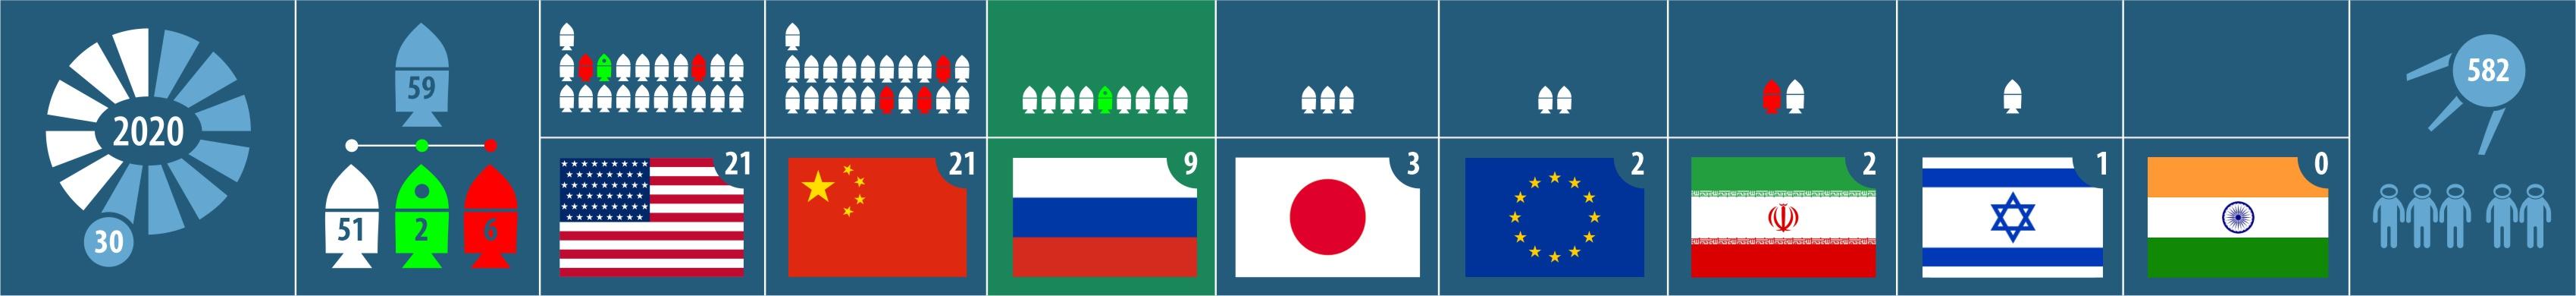 Успешный запуск. Два спутника связи. Запуски 2020 года 59-й, 53-й успешный, 9-й от России